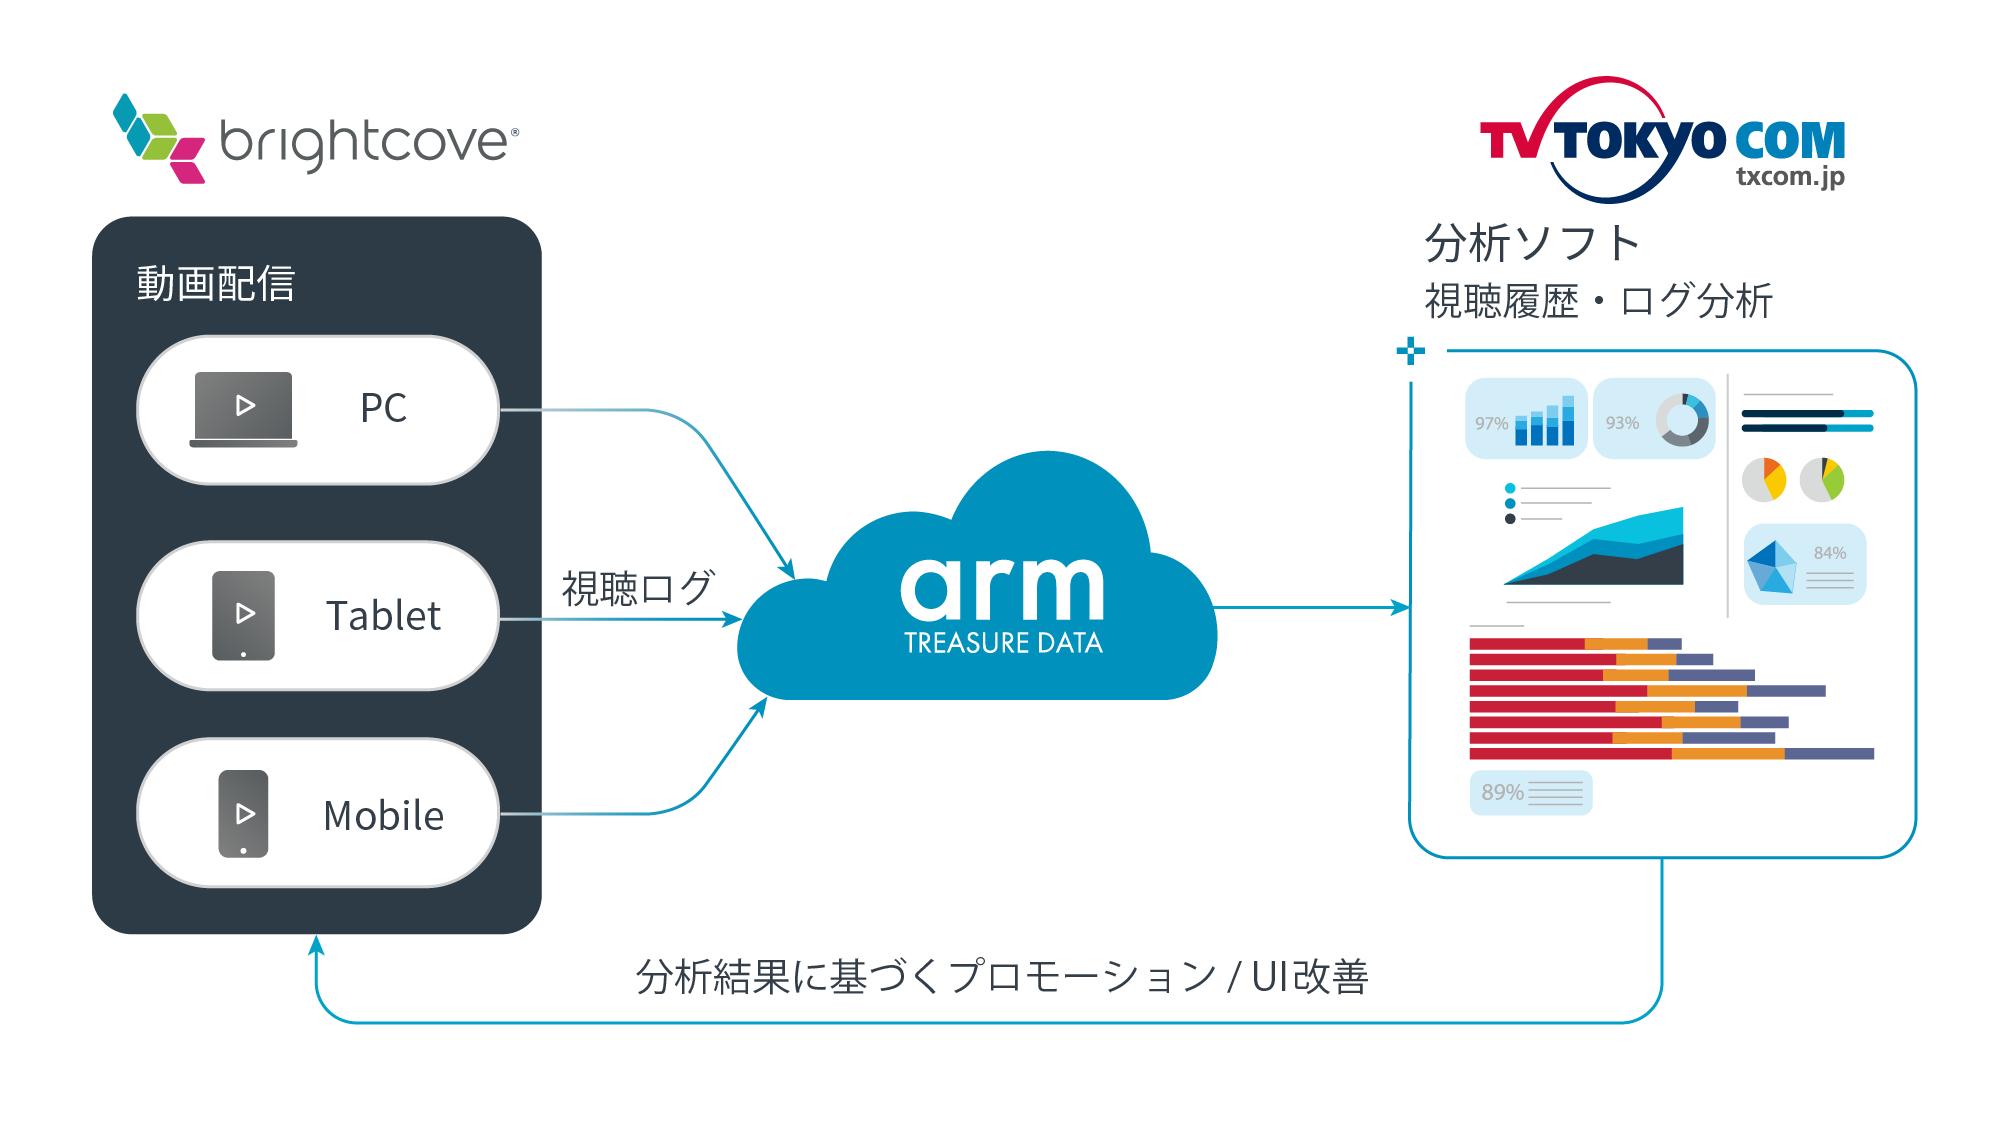 テレビ東京コミュニケーションズ、Video CloudとArm Treasure Data eCDPにより オンライン動画のカスタマーデータプラットフォームを構築